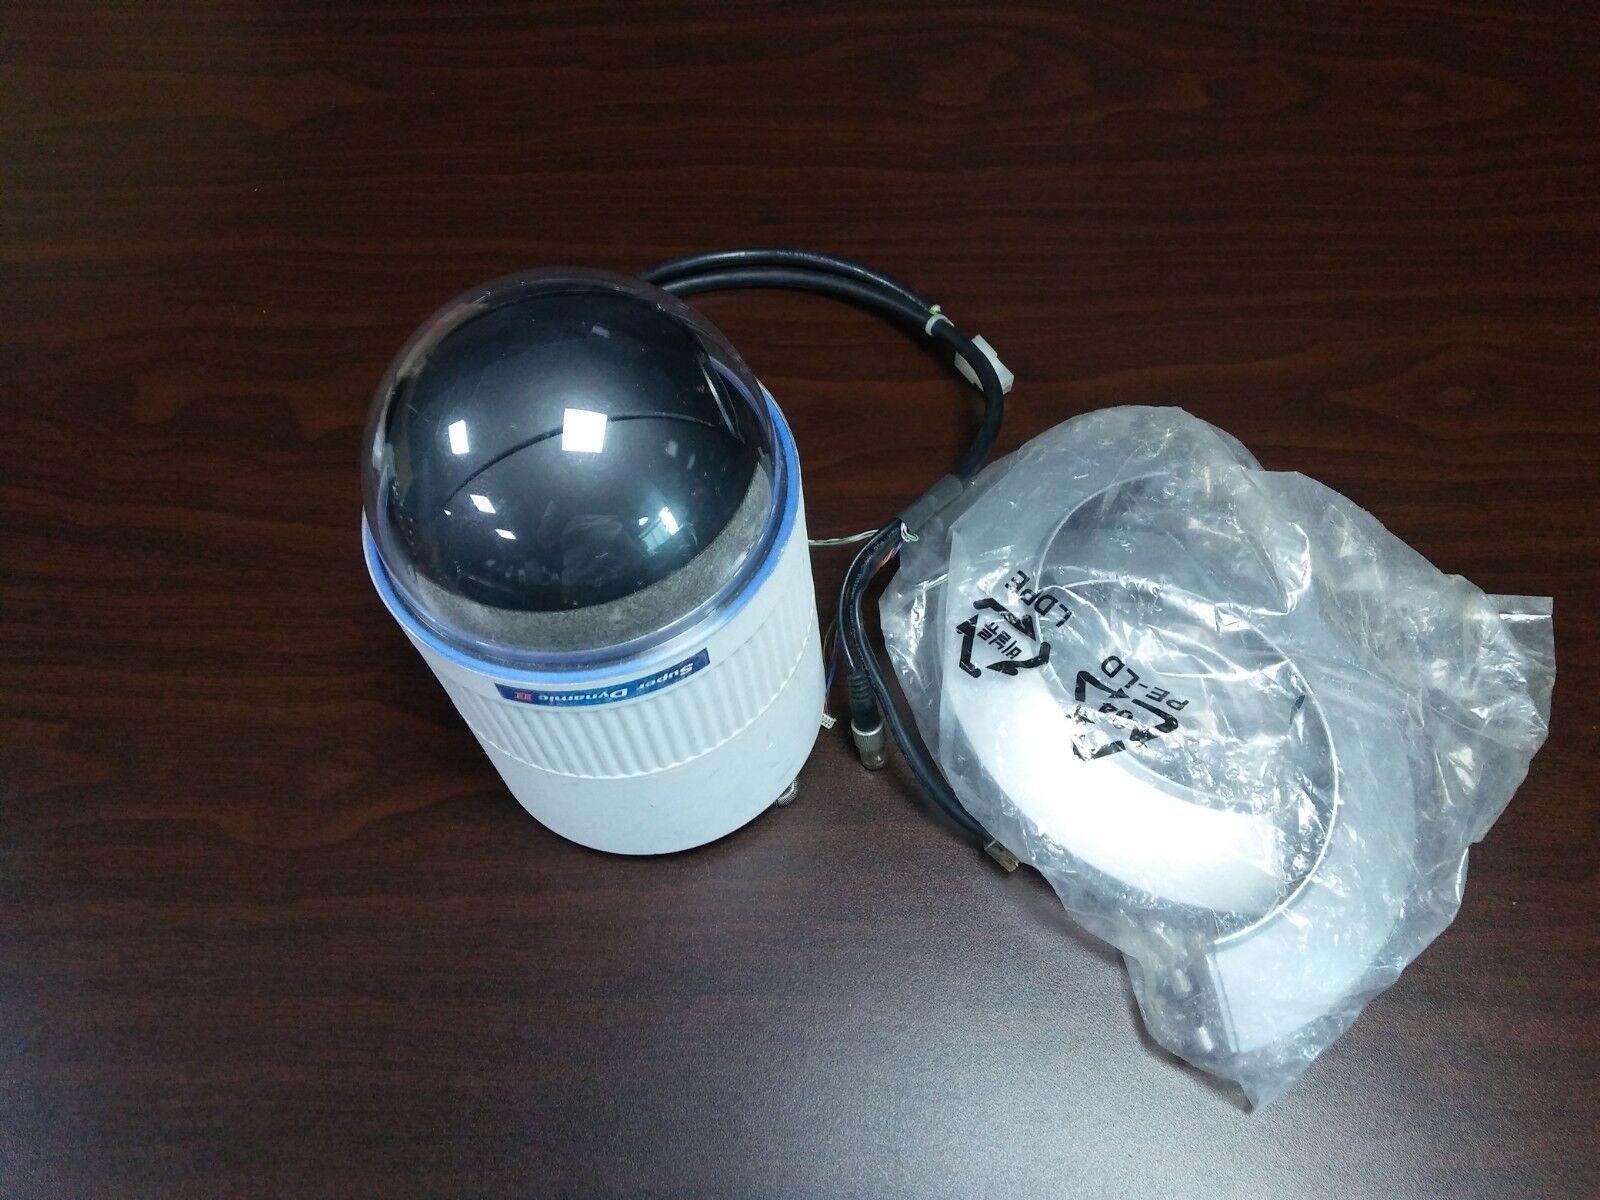 Panasonic wv-cs854a conjunto de cerradura reversible Color Cámara Color reversible abeb8f